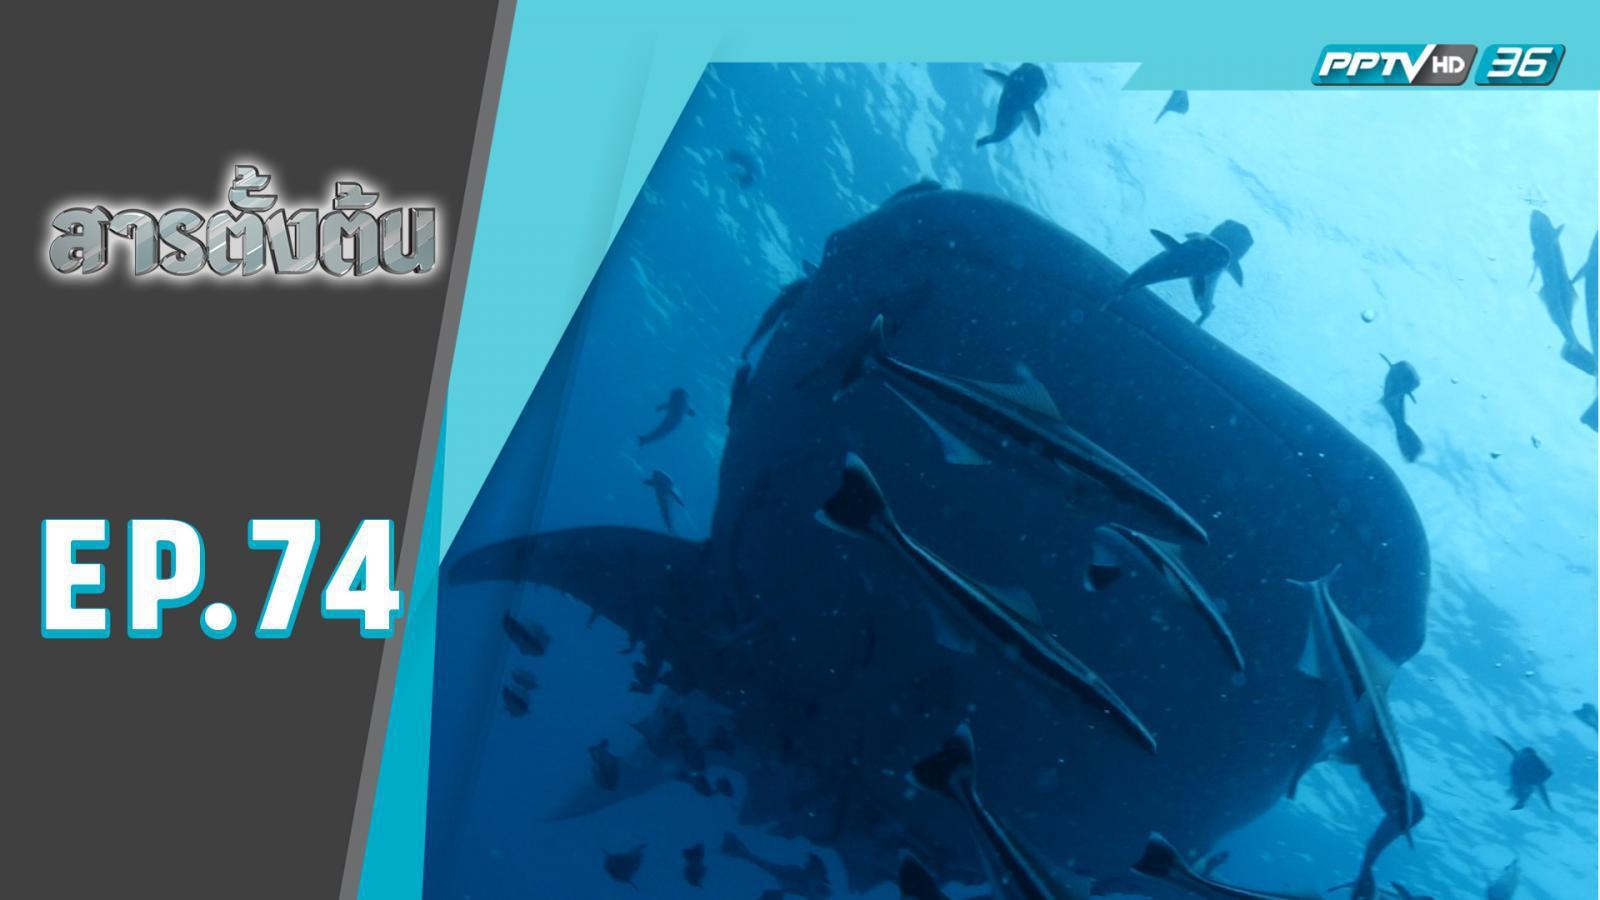 ลาก....ยักษ์ใต้สมุทร